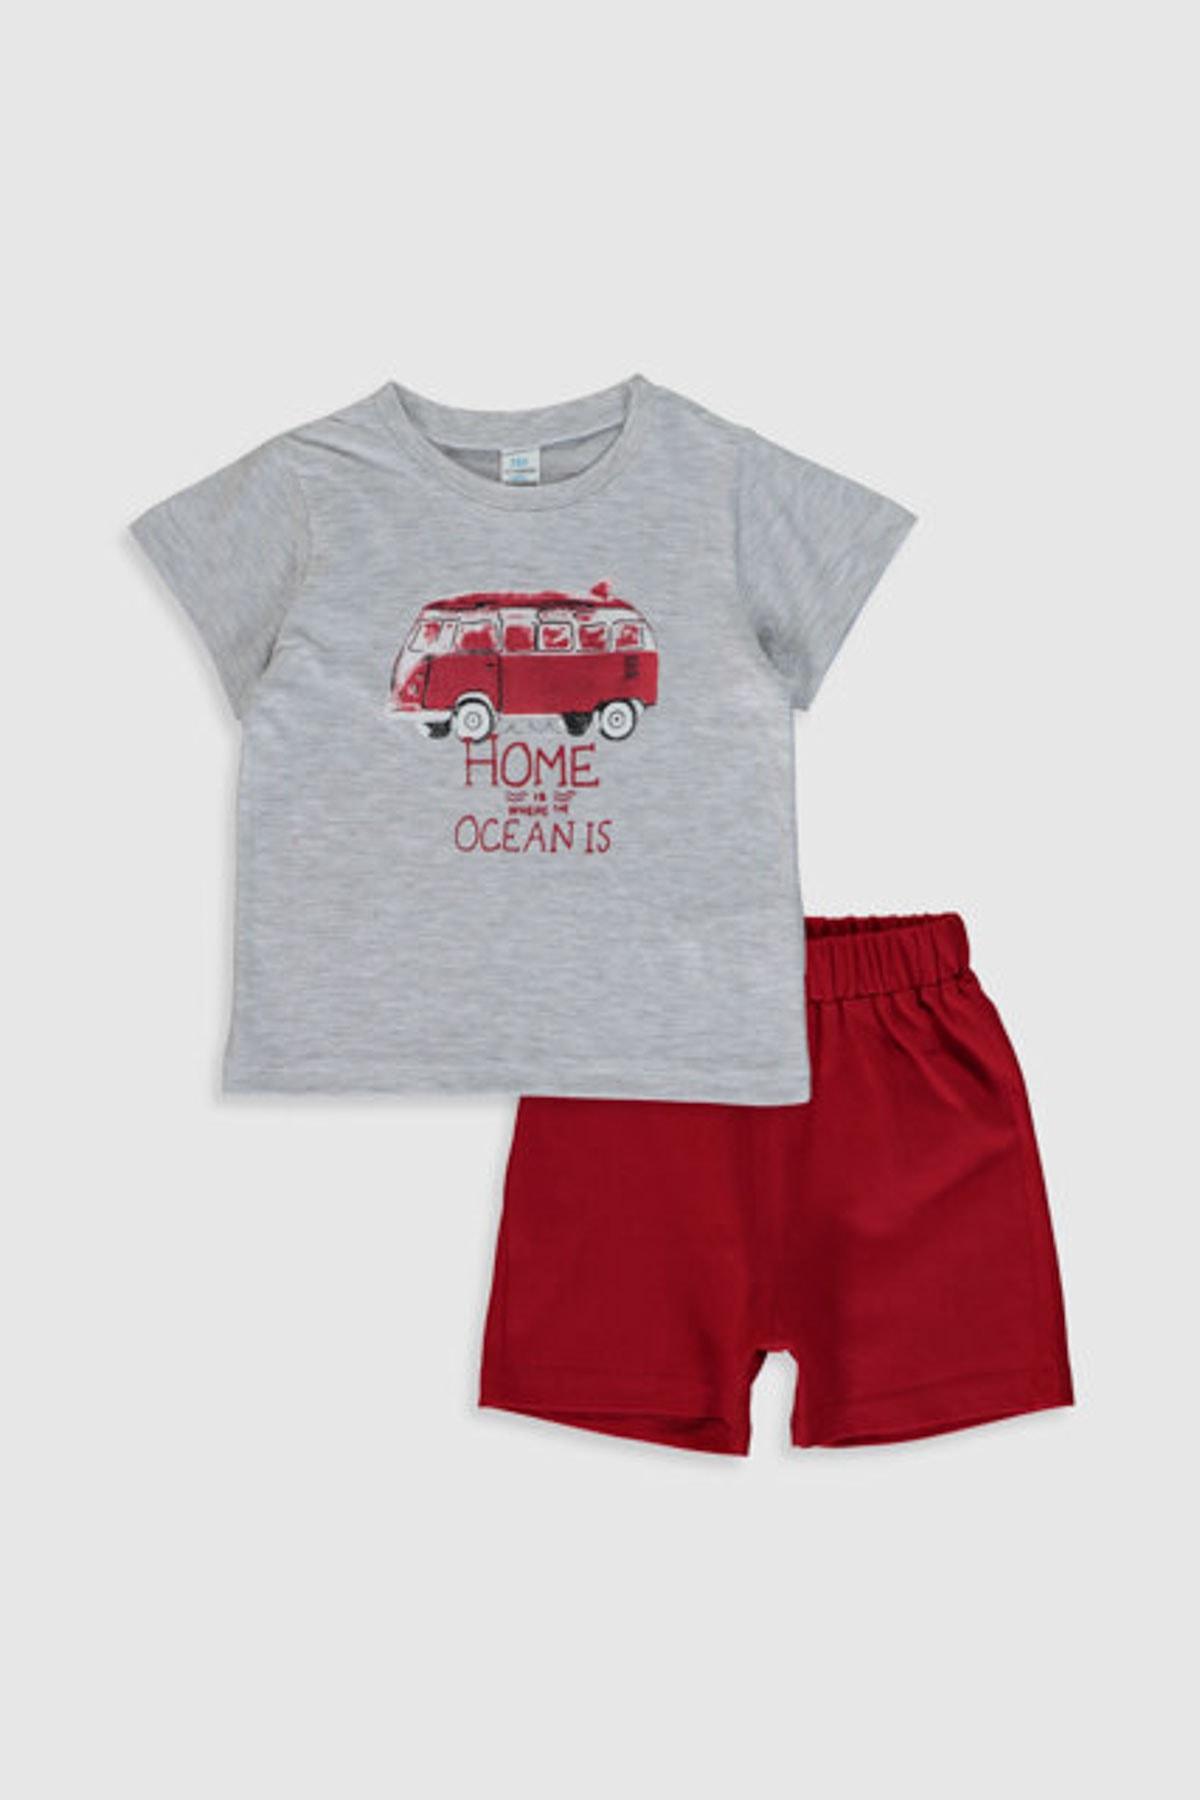 LC Waikiki Erkek Bebek K.Kırmızı Crj Bebek Takımları 1